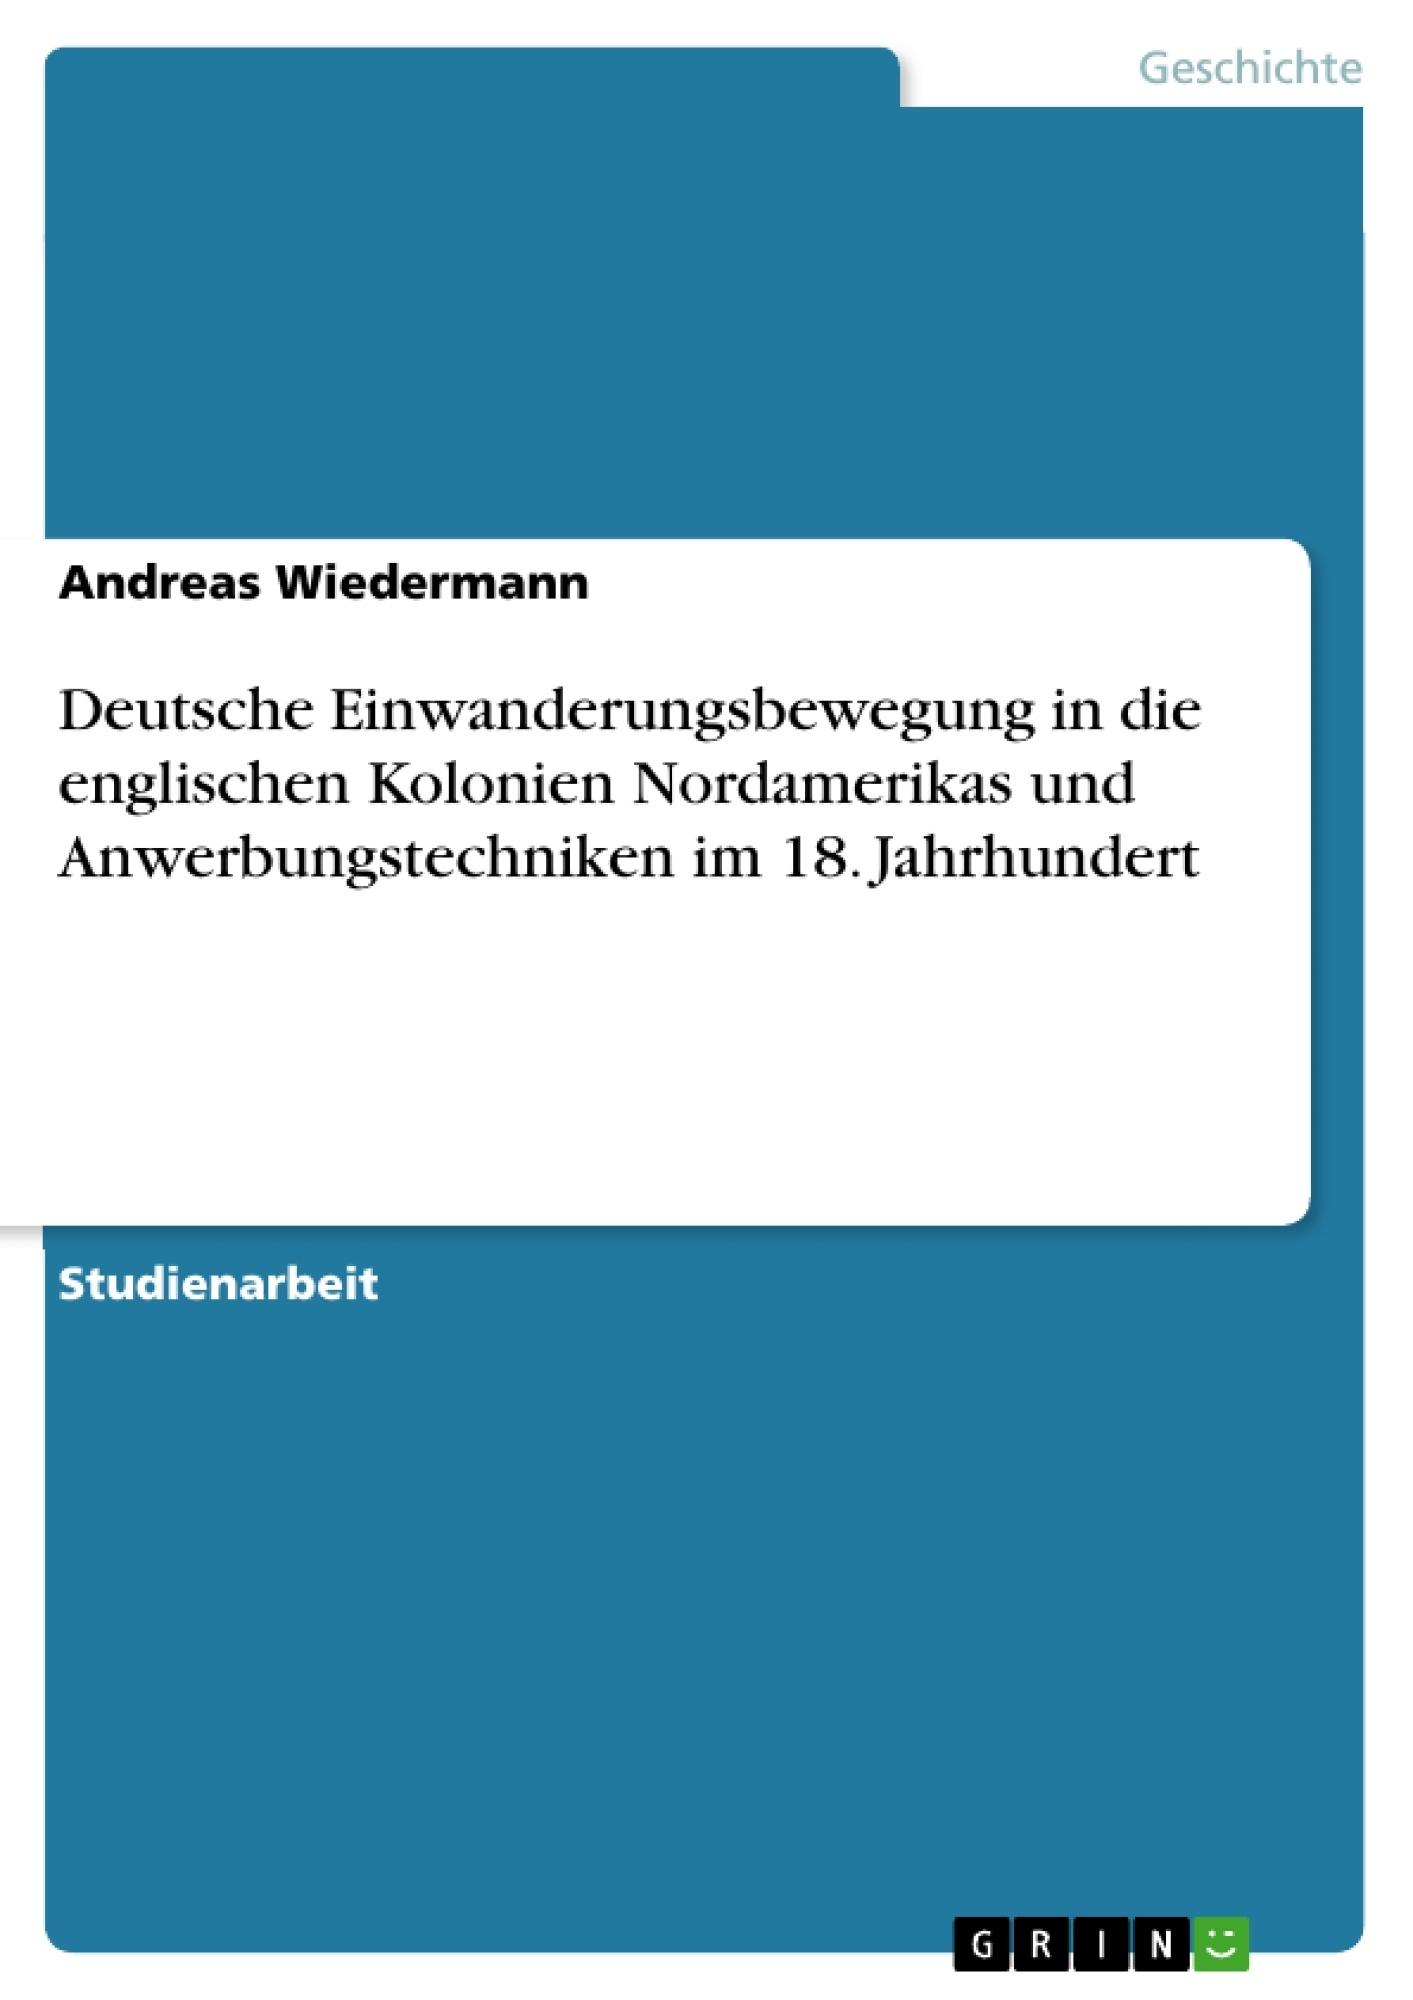 Titel: Deutsche Einwanderungsbewegung in die englischen Kolonien Nordamerikas und Anwerbungstechniken im 18. Jahrhundert